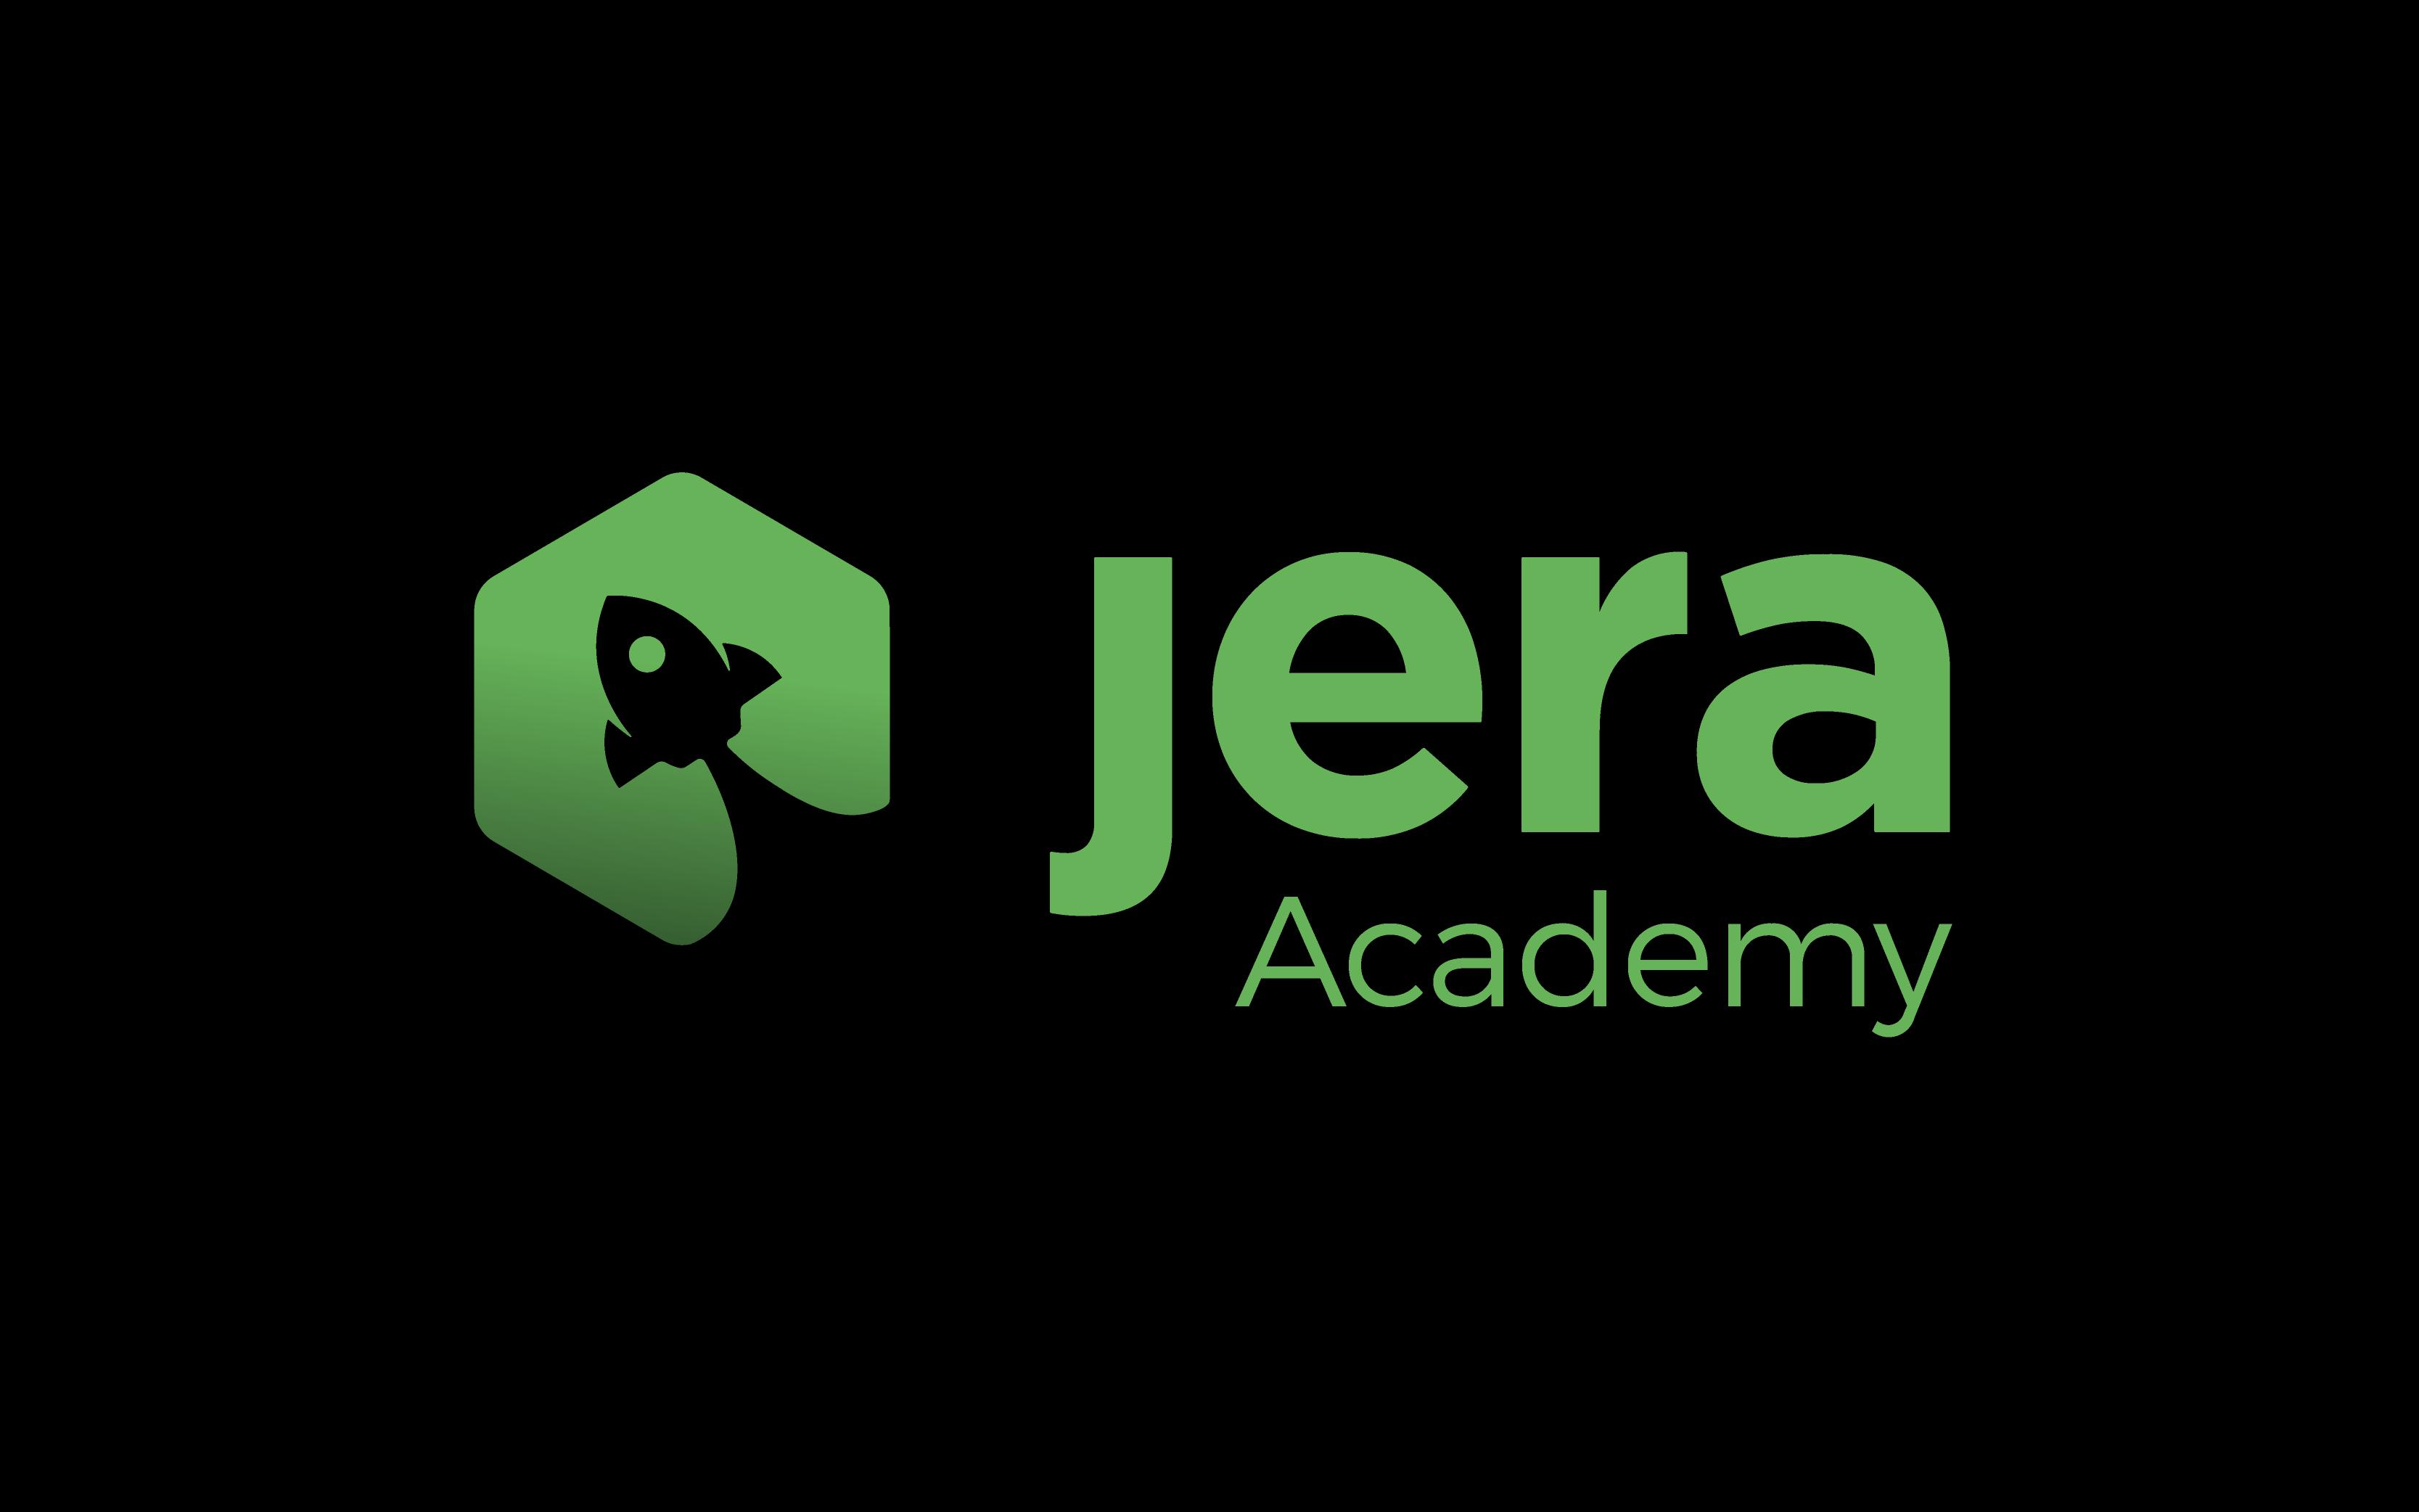 Jera Academy – Decole sua carreira com a Jera